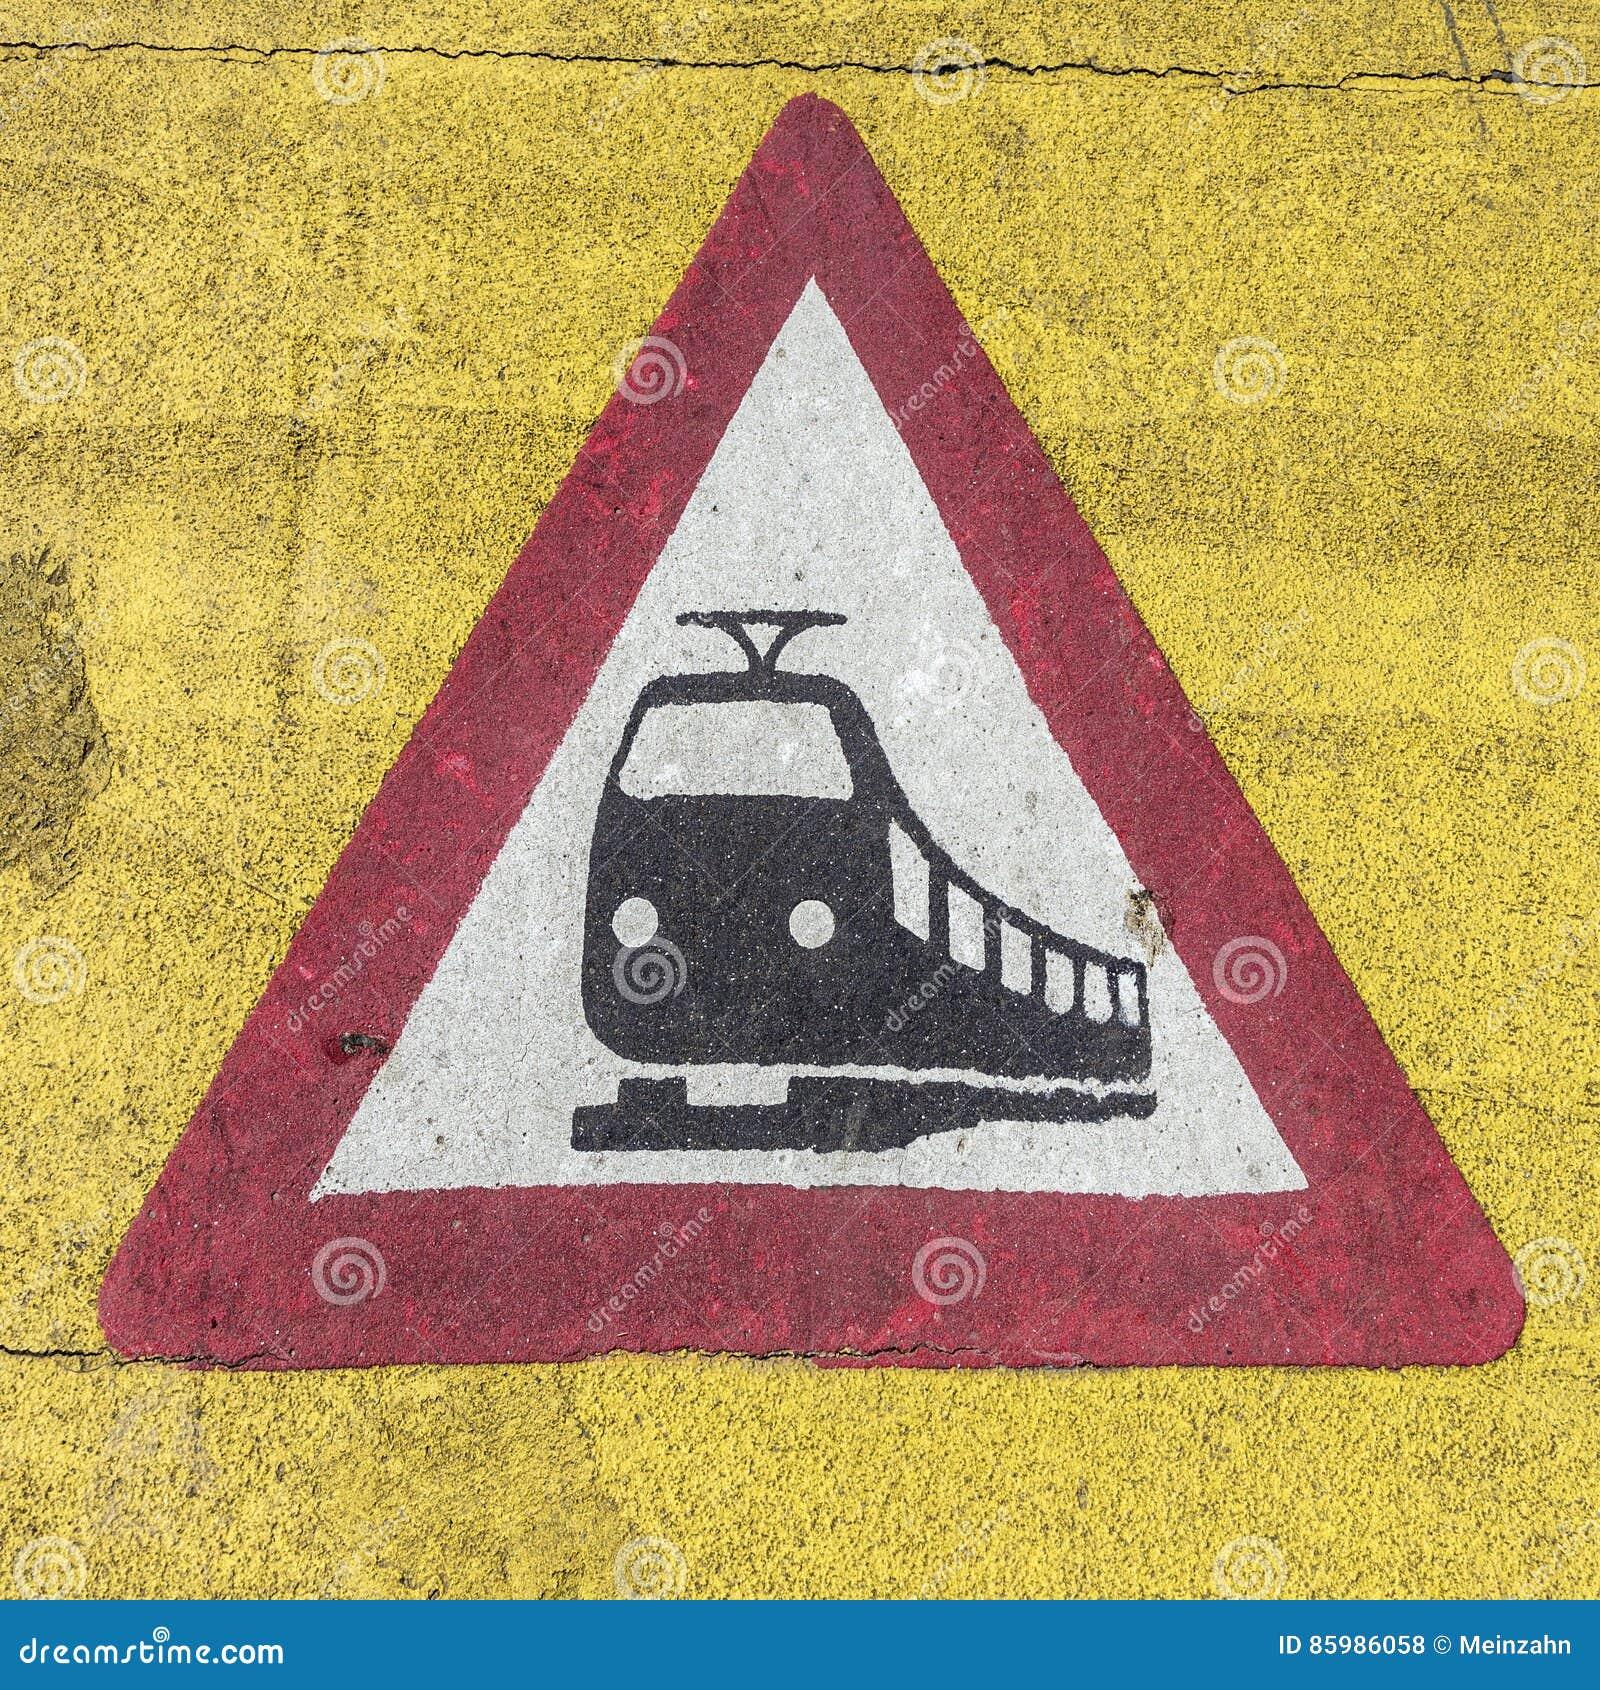 Señal de peligro del tren en una travesía de ferrocarril